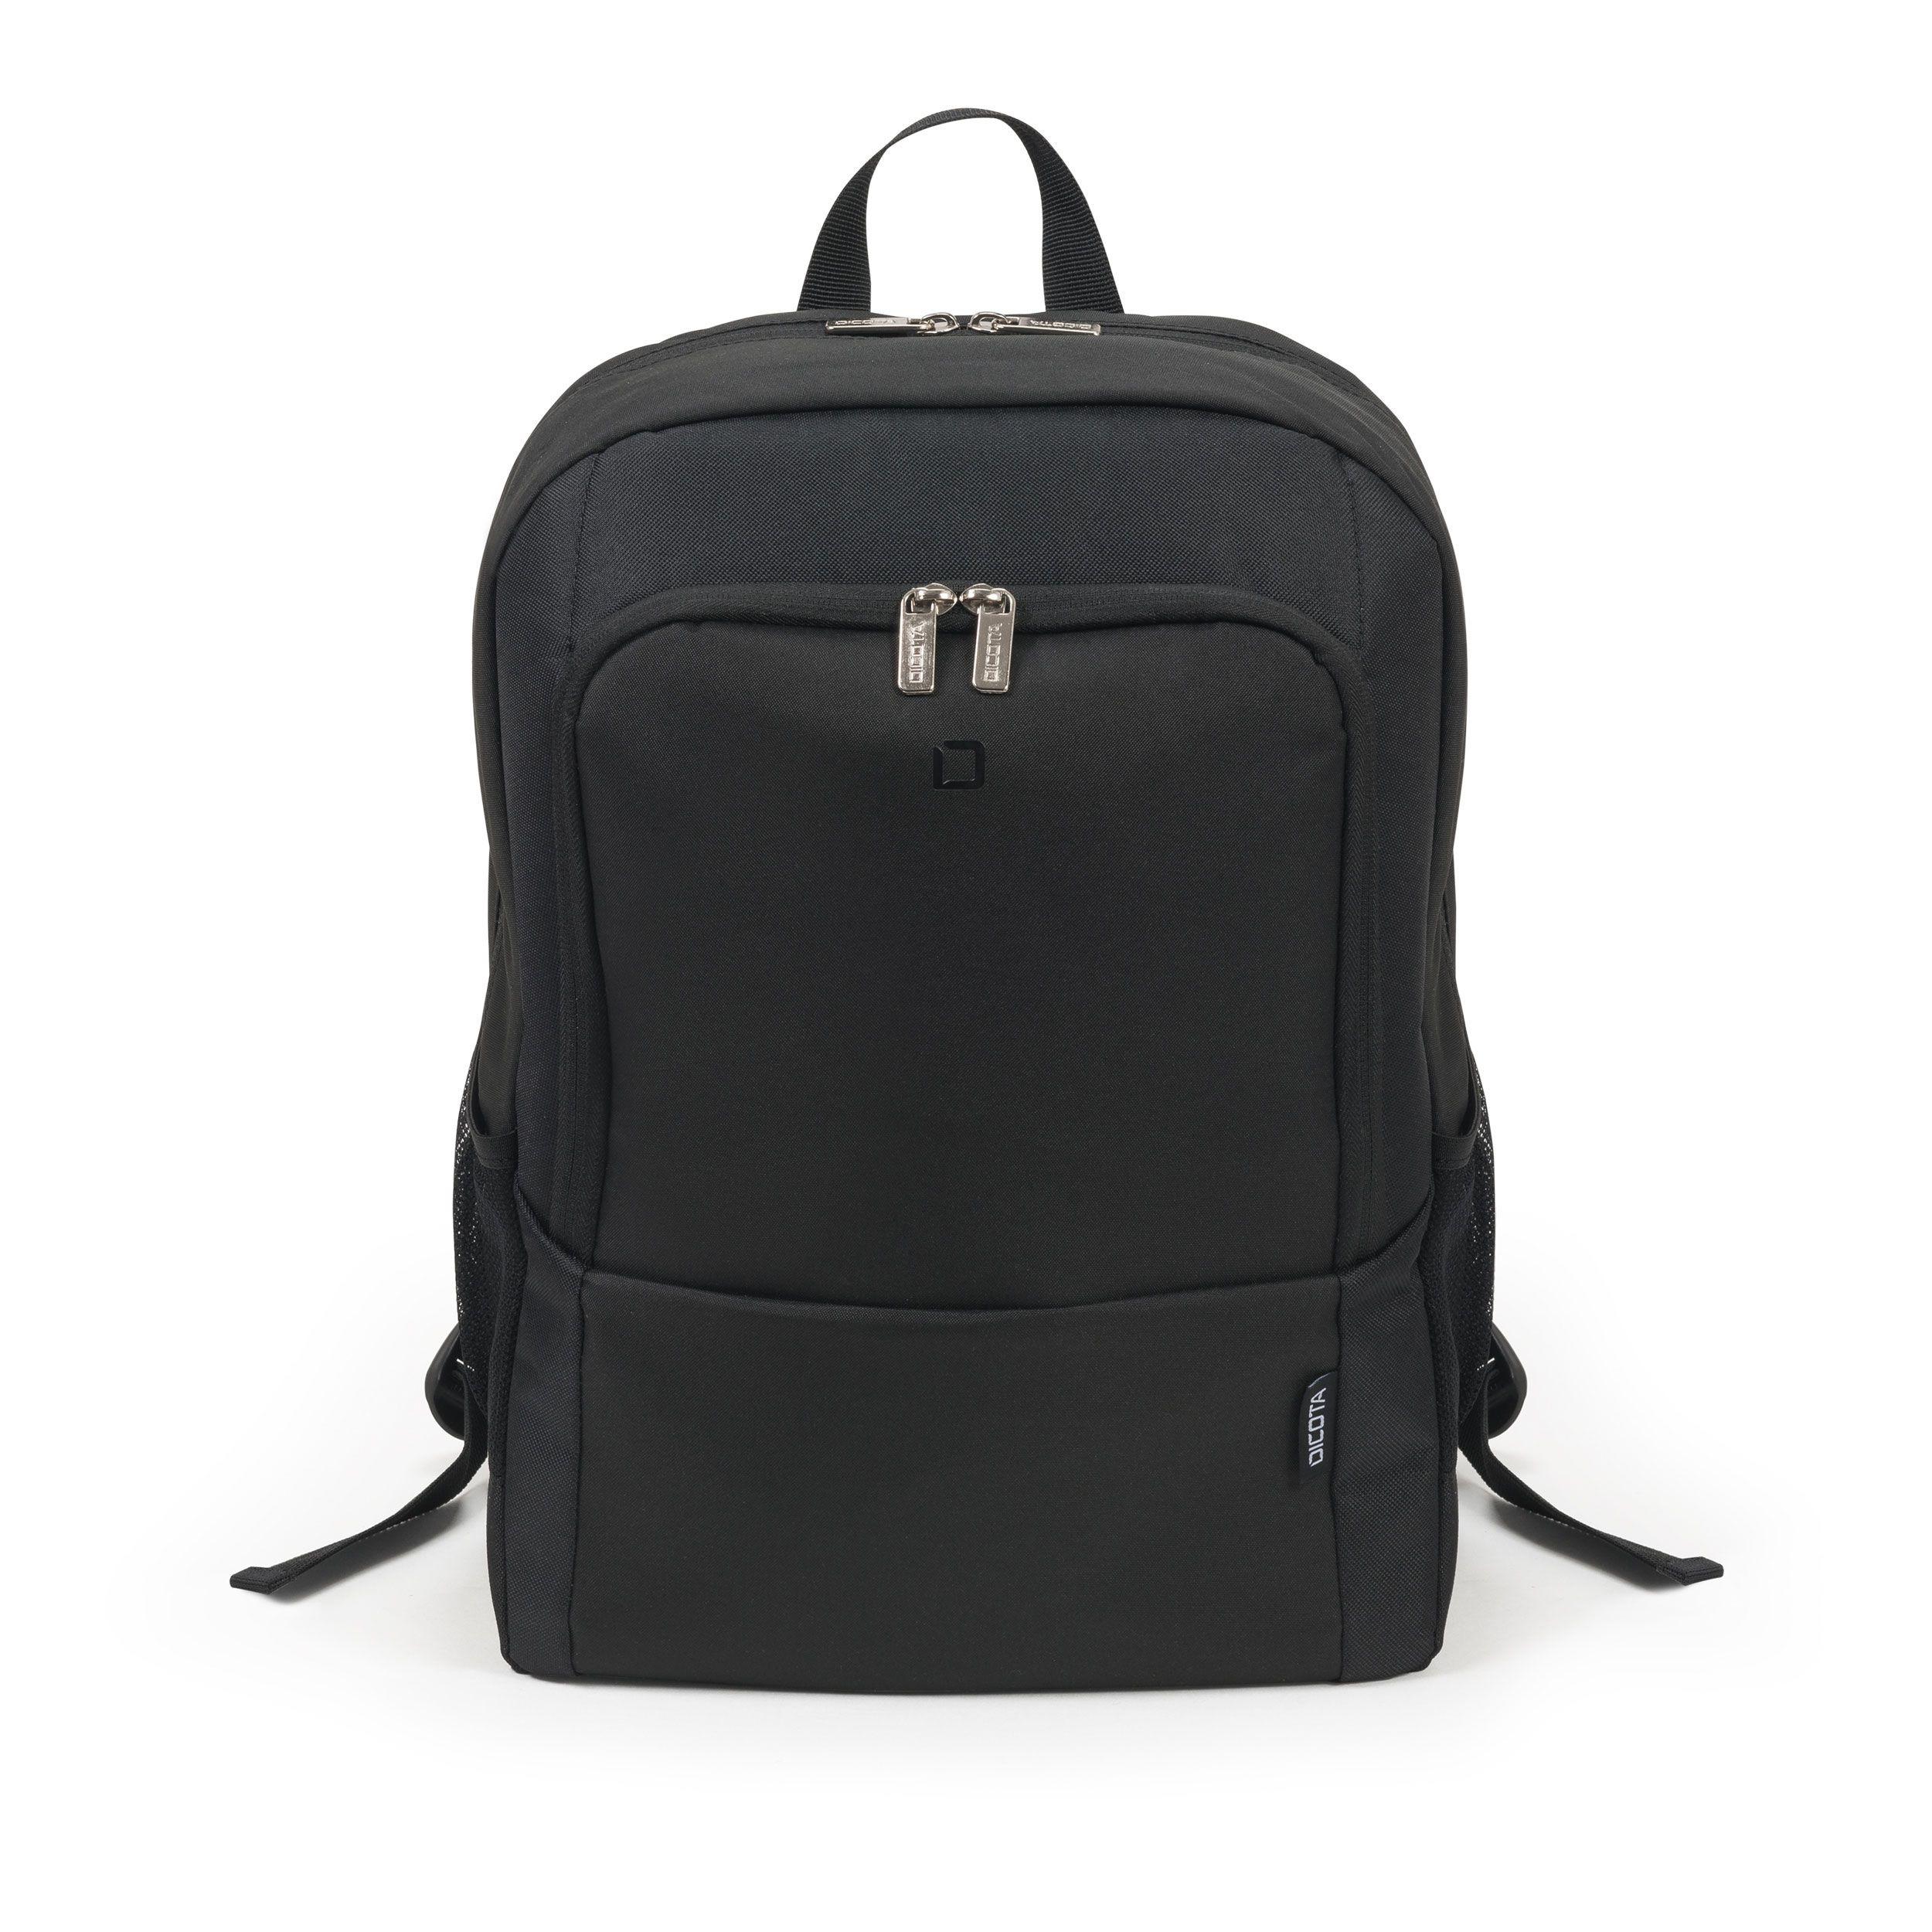 Op Perfect LCD is alles over computer te vinden: waaronder expert en specifiek Dicota Backpack BASE 15-17.3 Laptop tas